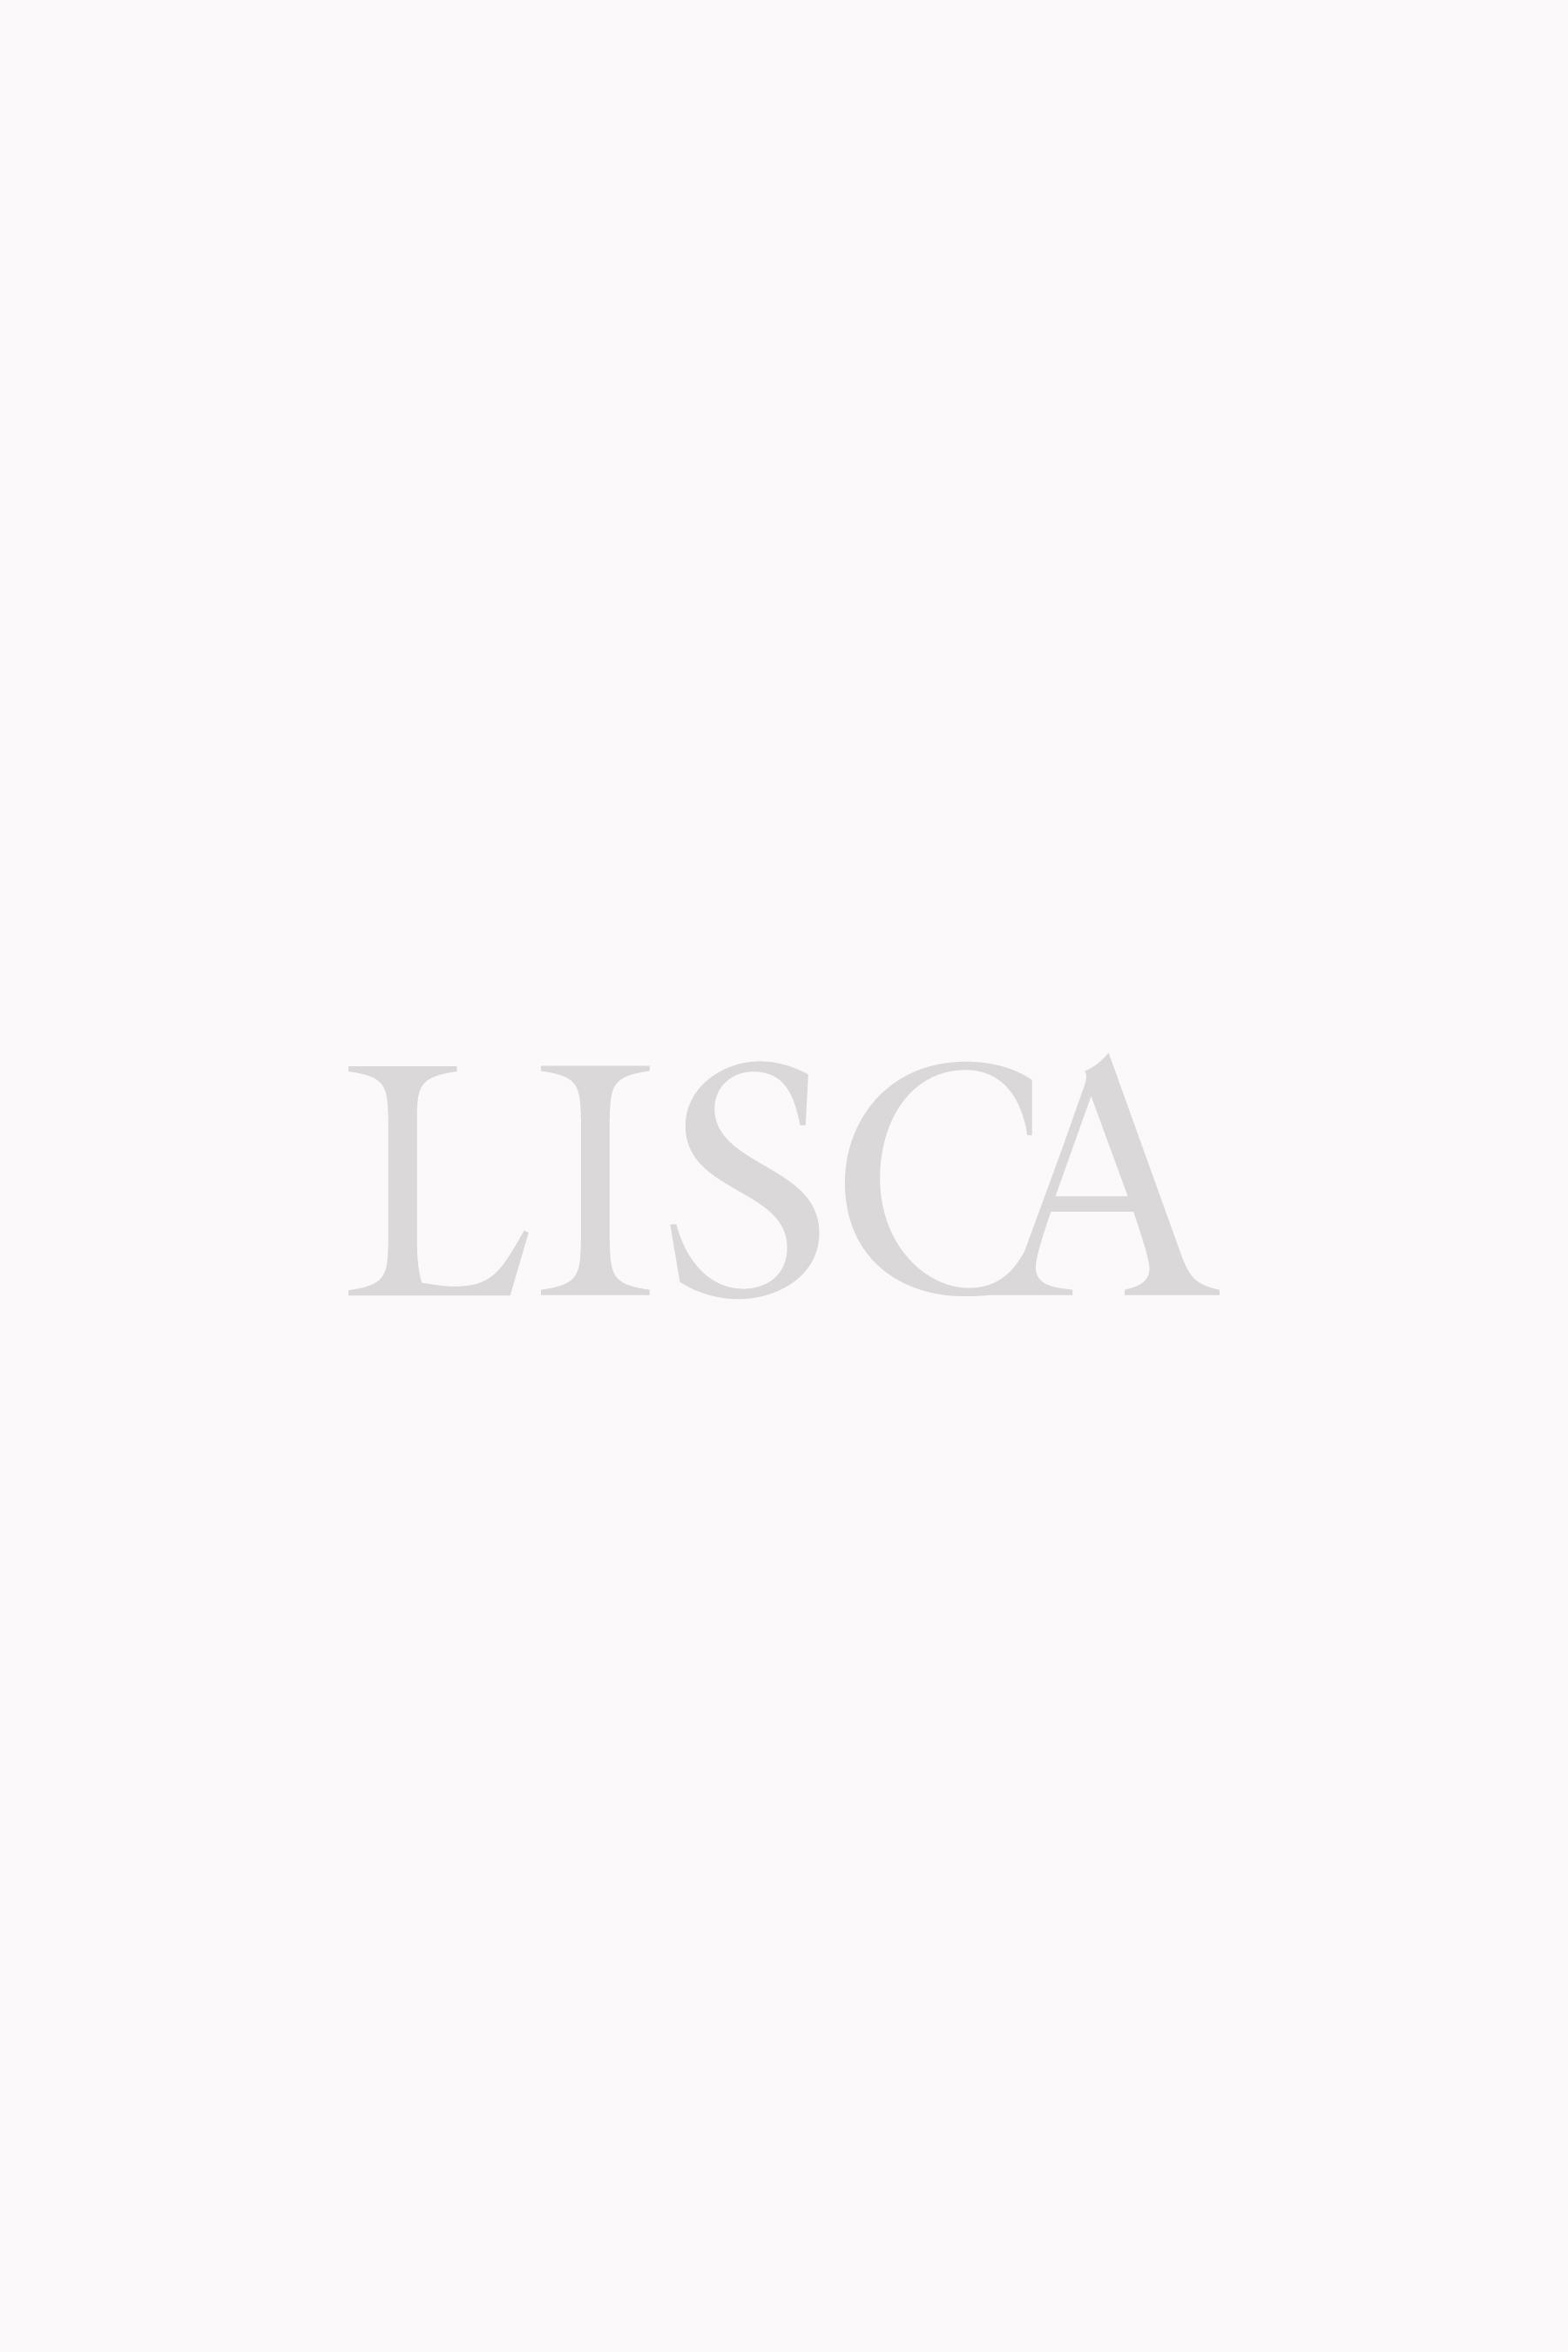 Bando/Топ градник со пенести корпи »Gran Canaria« - костим за капење